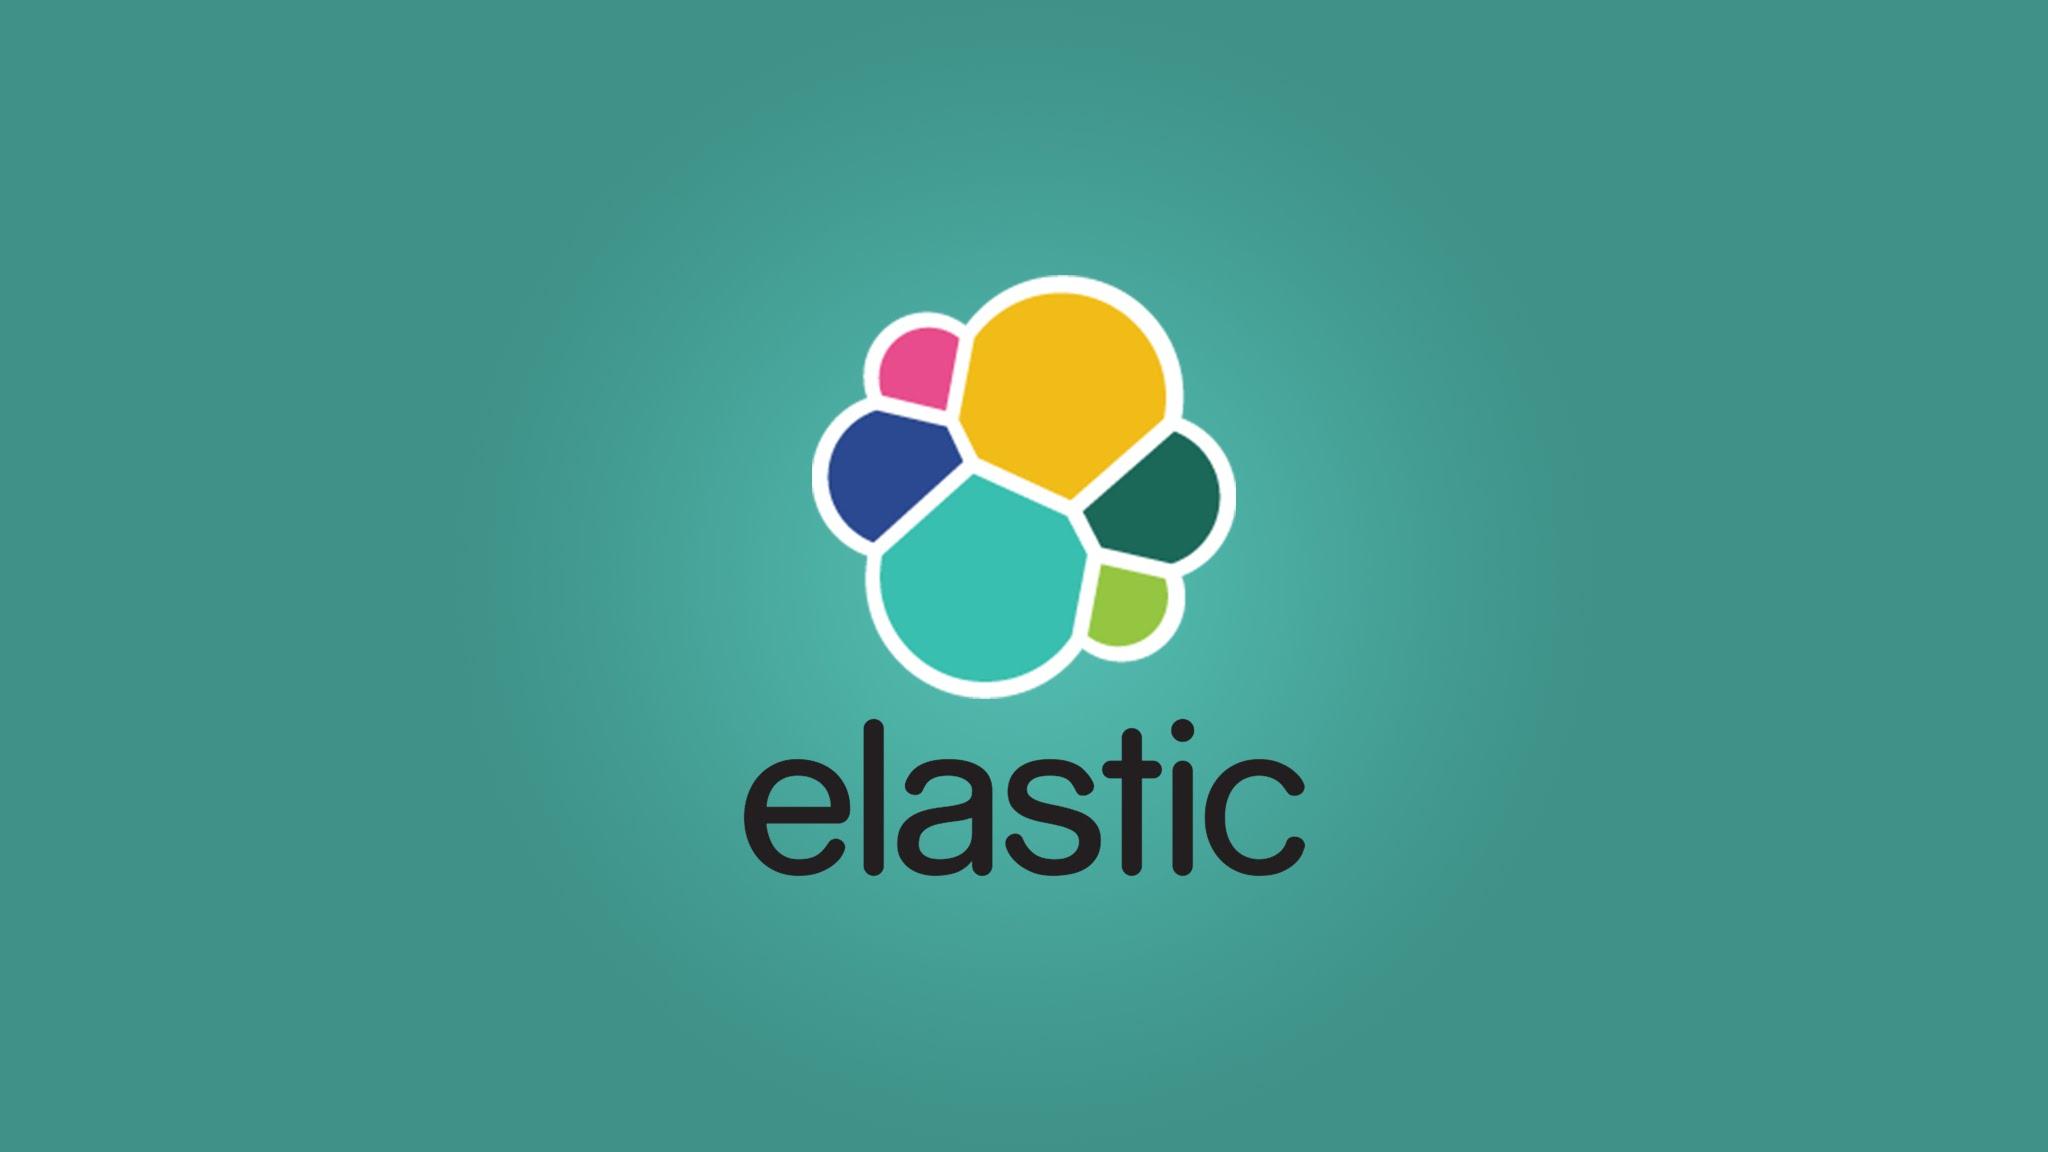 Hướng dẫn cài đặt Elasticsearch, Logstash và Kibana (ELK Stack) trên CentOS 7 để quản lý Log